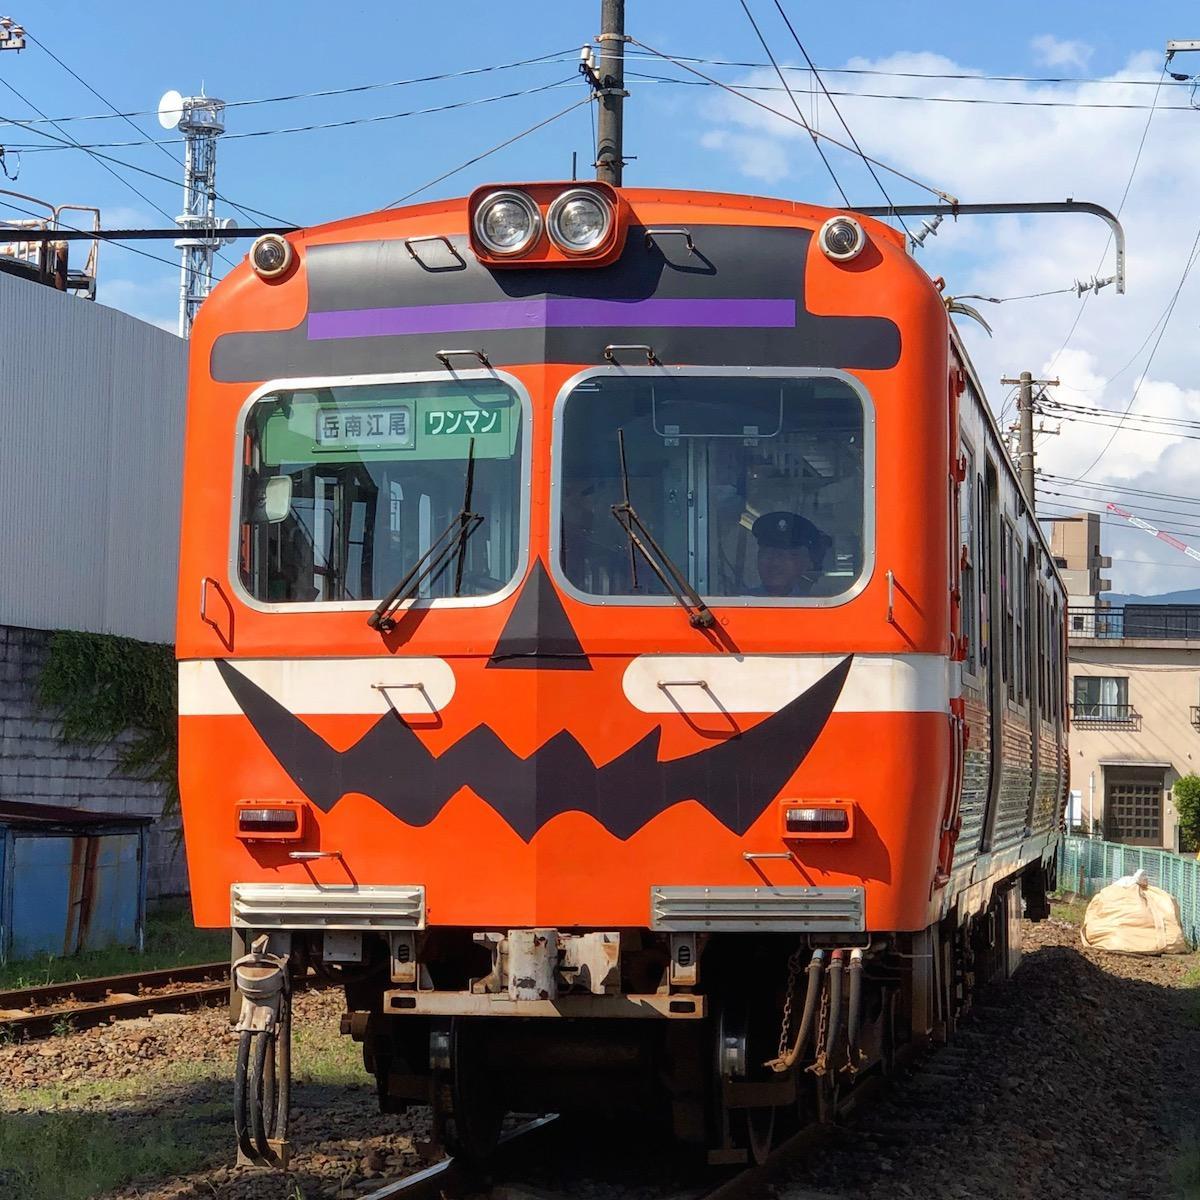 ハロウィーン電車